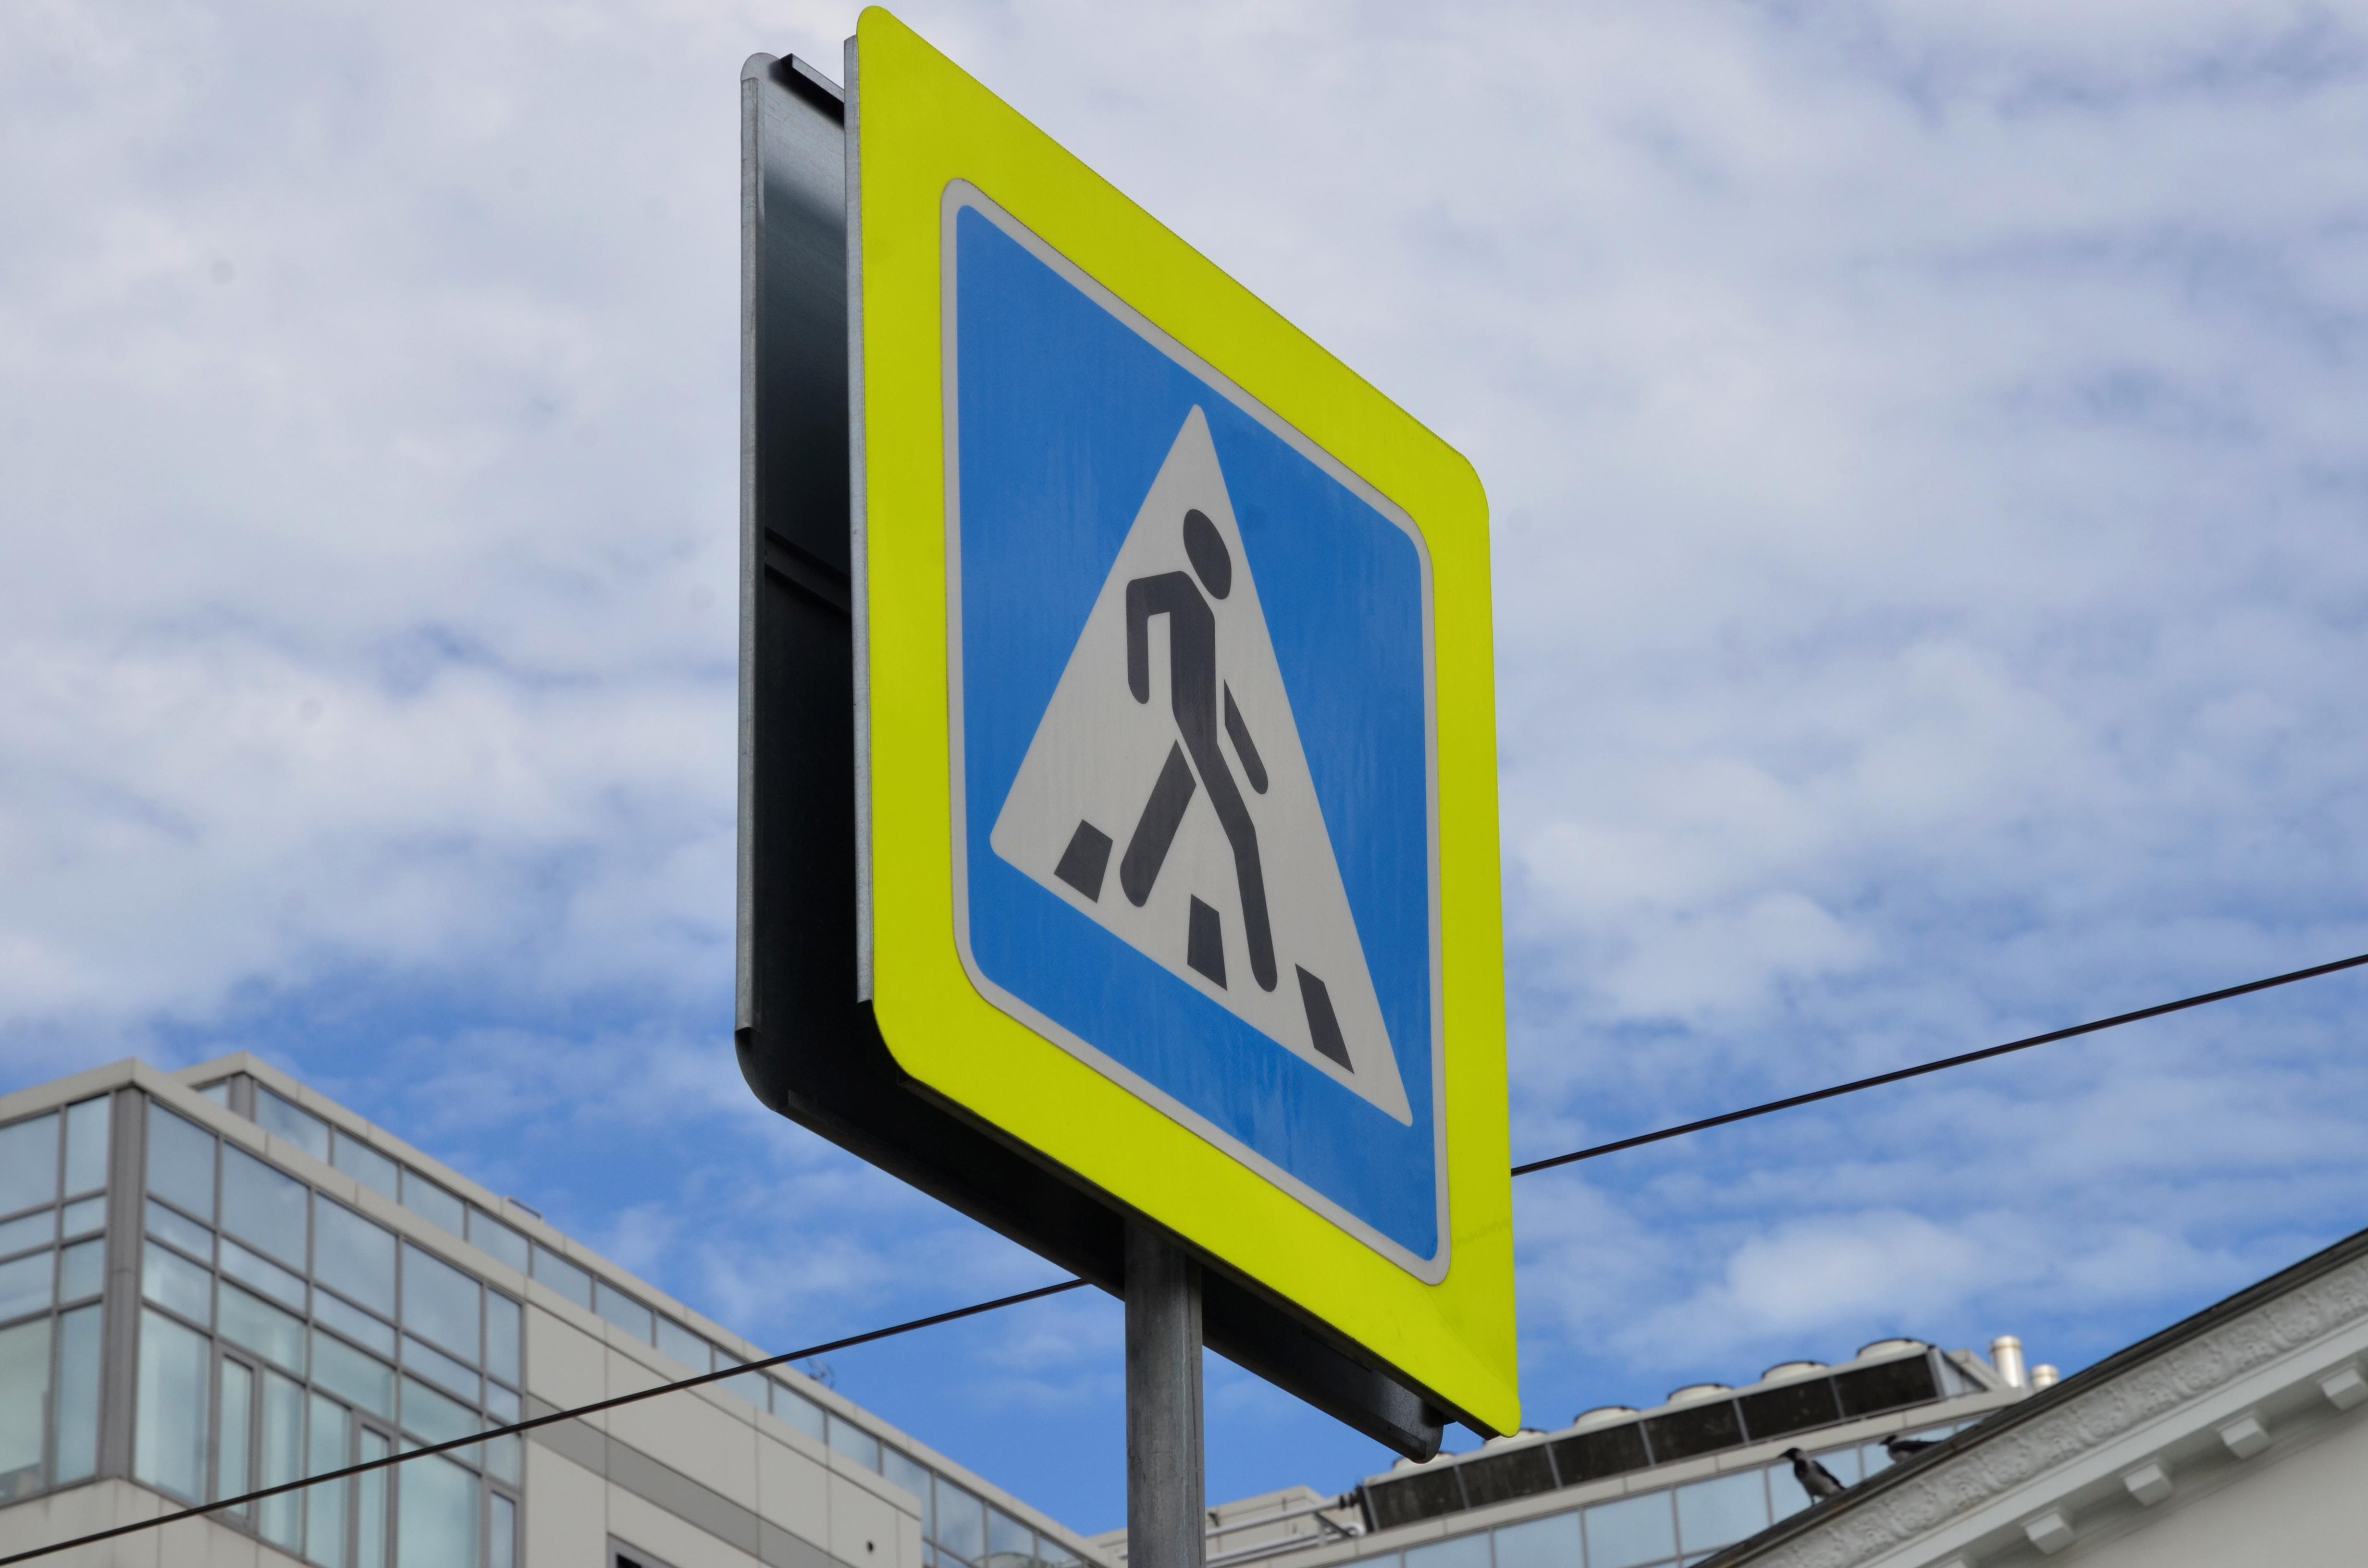 Надписи на дорожном знаке устранили во 2-м Сыромятническом переулке. Фото: Анна Быкова